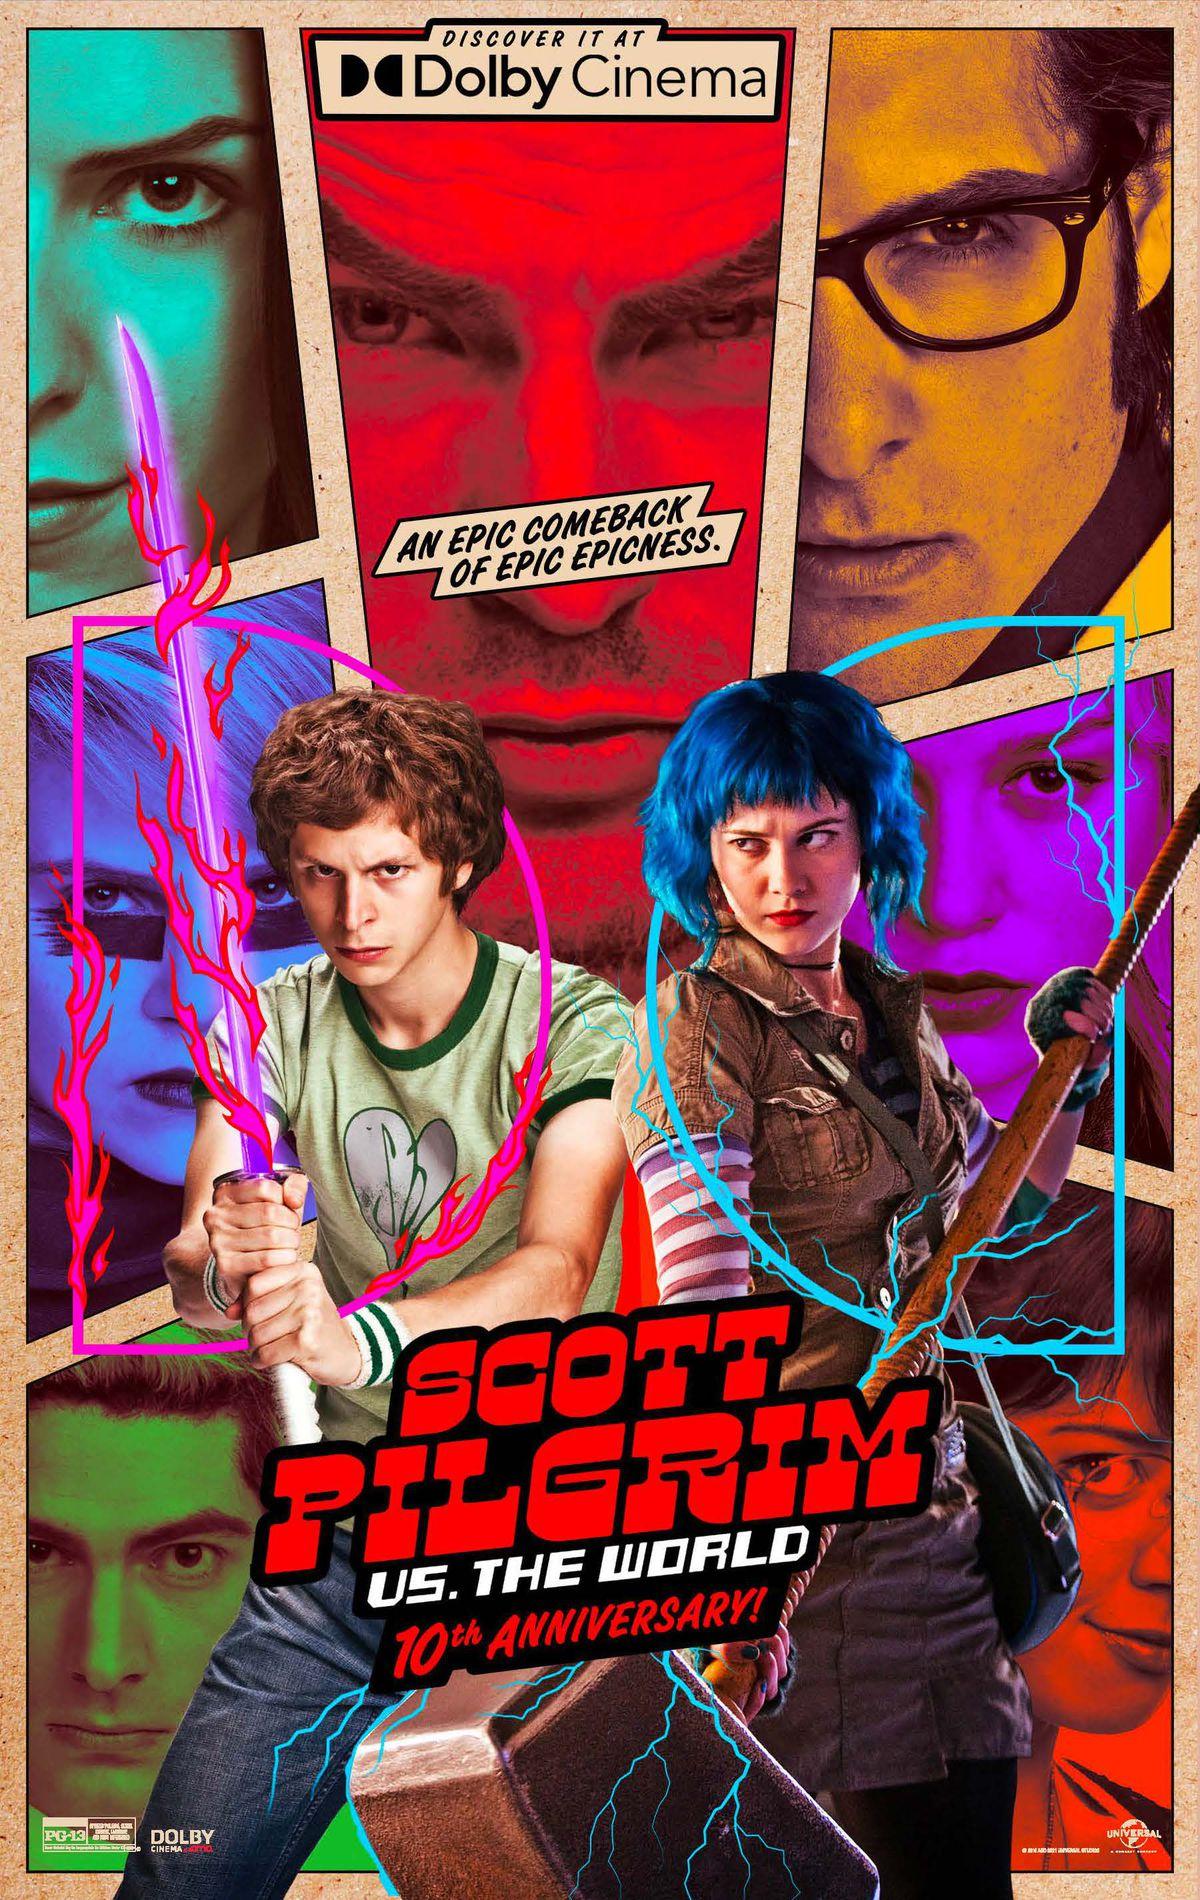 The Dolby Cinemas re-release post for Scott Pilgrim vs. The World